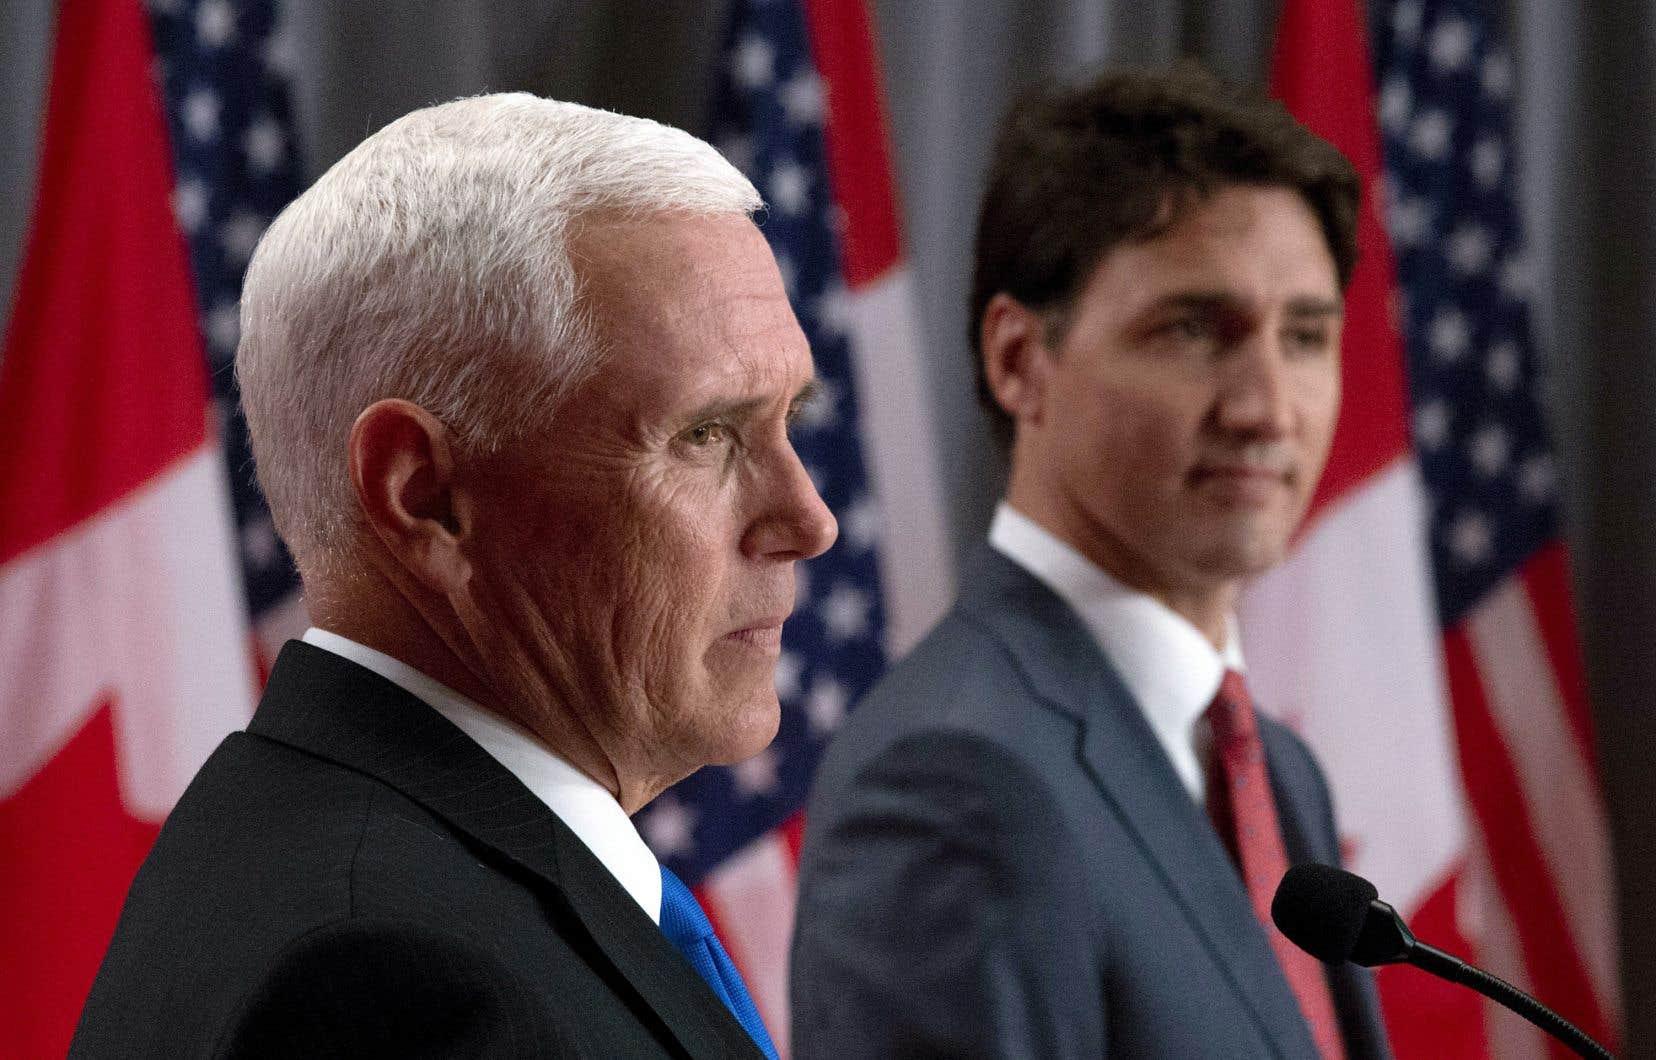 En conférence de presse, le vice-président américain, Mike Pence, et le premier ministre canadien, Justin Trudeau, n'ont pas caché leurs désaccords sur un certain nombre de sujets. M.Pence a effectué une visite-éclair à Ottawa jeudi.